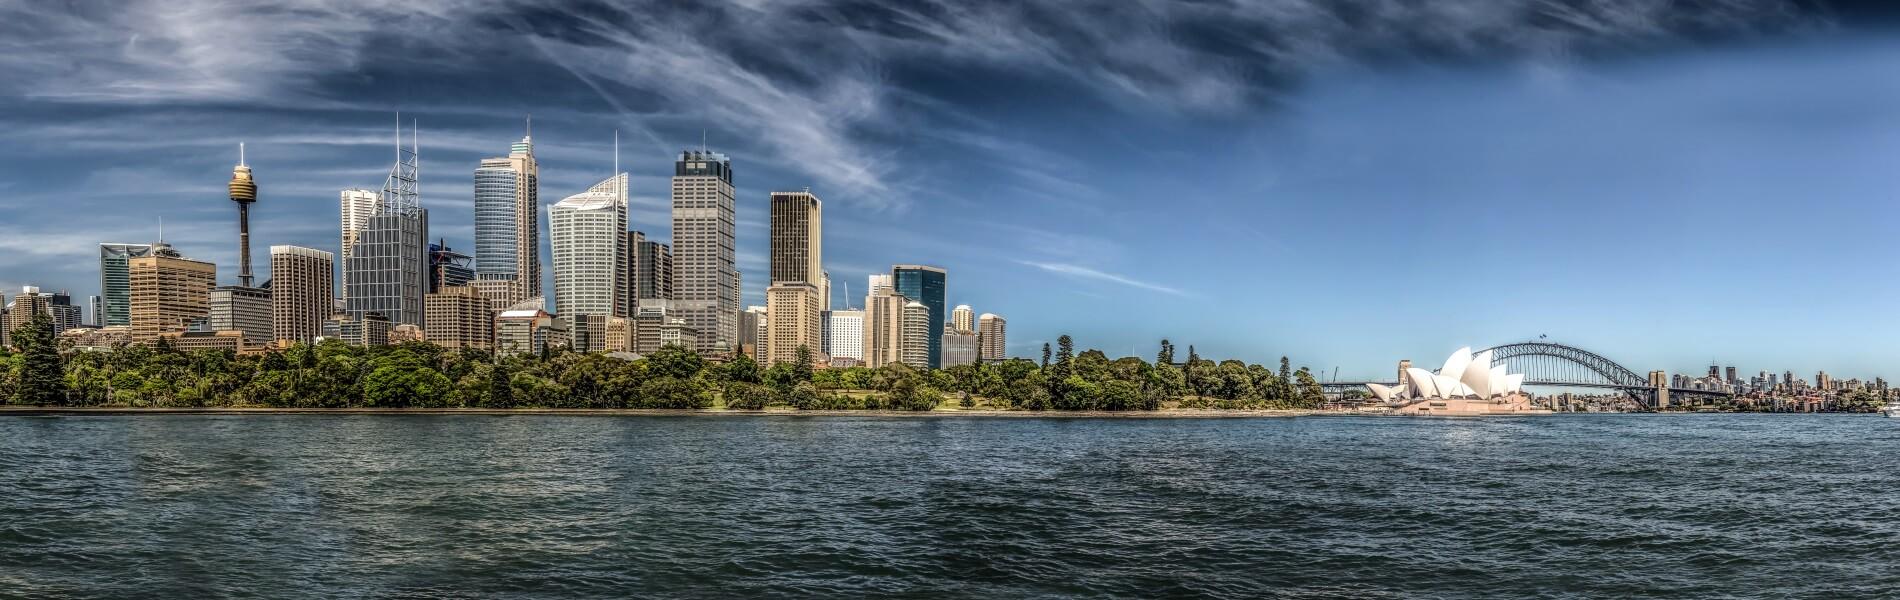 Australien-Logistik: Von wegen Kängurus